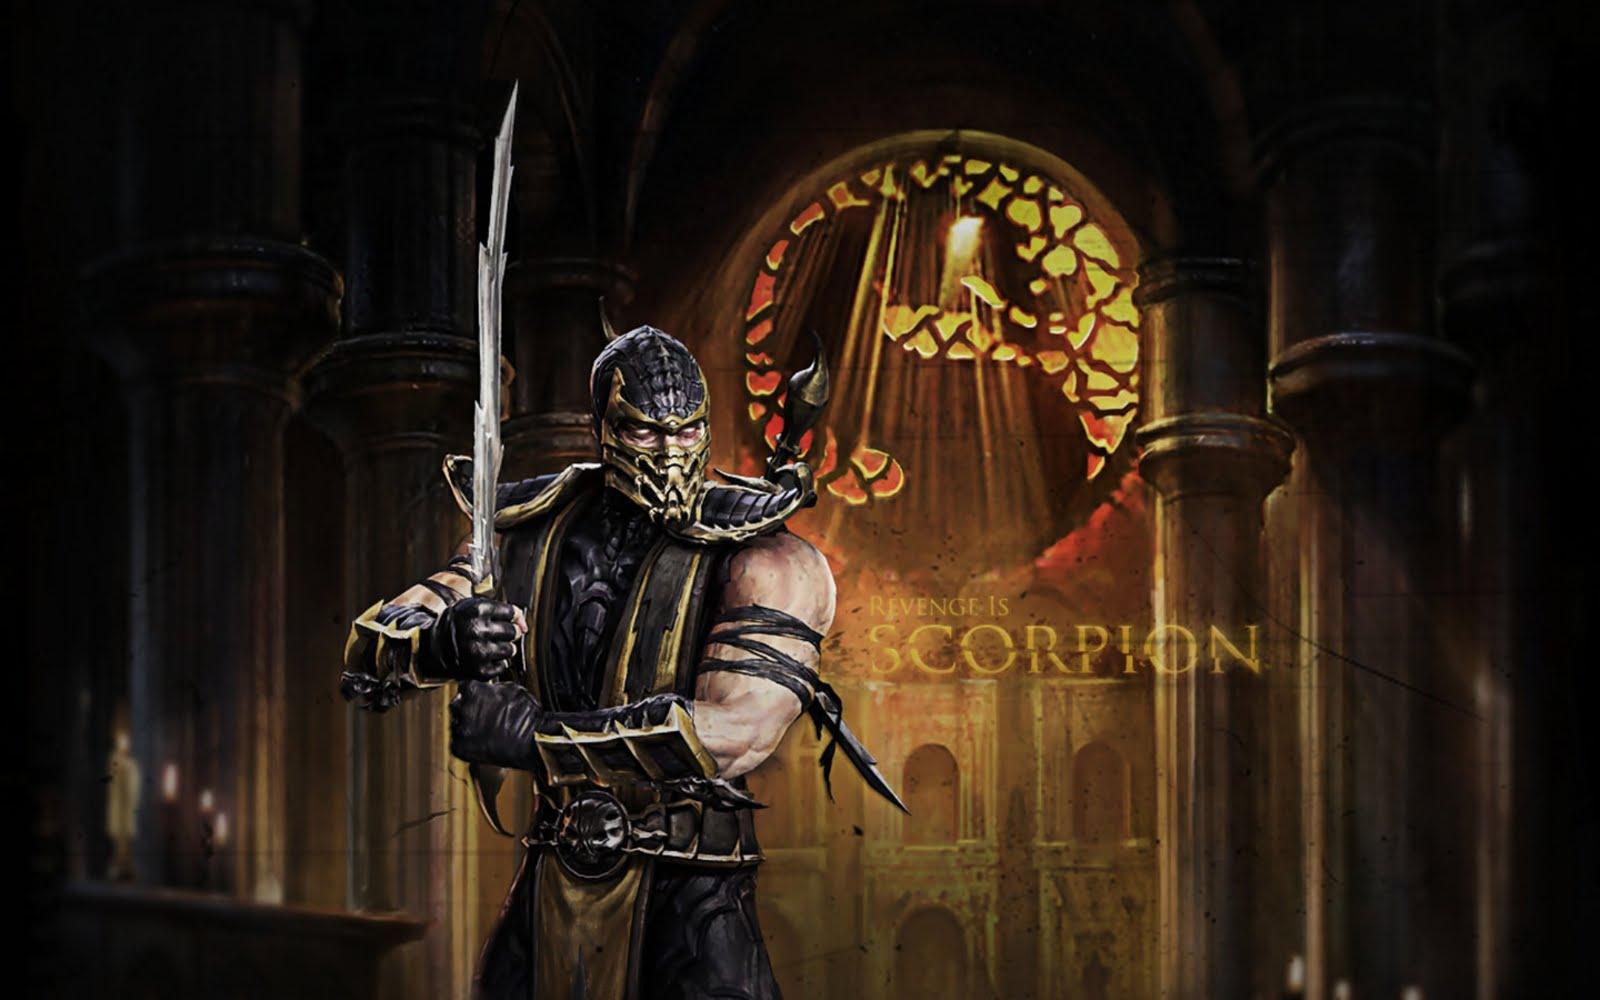 http://2.bp.blogspot.com/-98OLDCElVjI/Tb0Ye0uZeaI/AAAAAAAAARk/RAzXw3ZunzY/s1600/scorpion%20mortal%20kombat%202011%20wallpaper.jpg